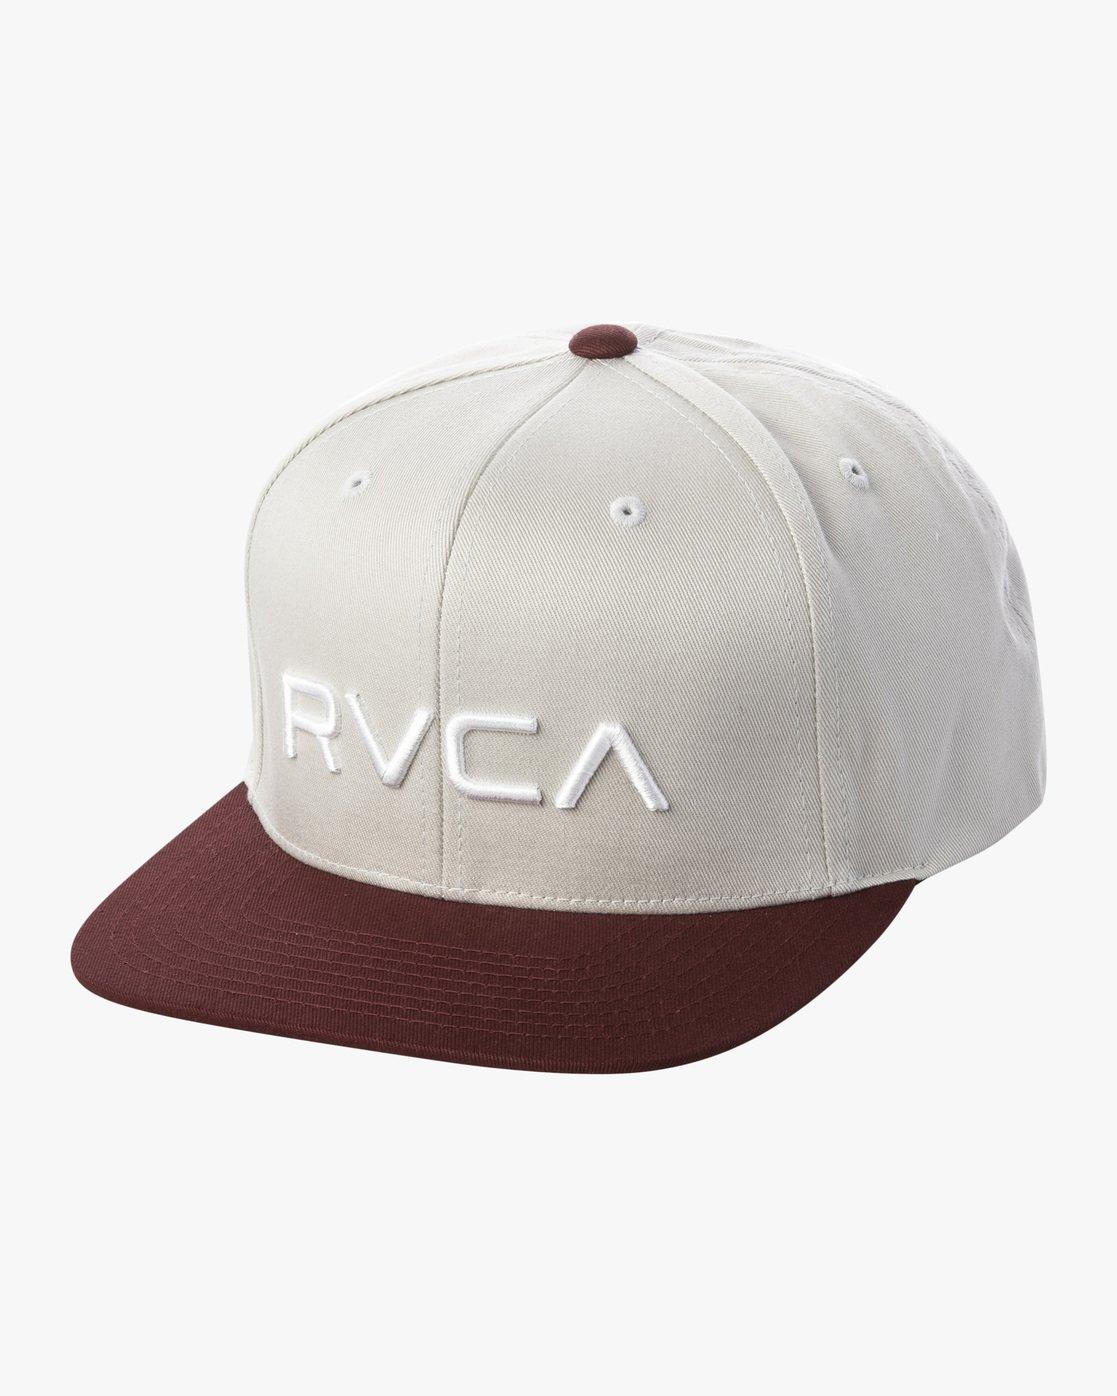 0 RVCA TWILL II SNAPBACK HAT Grey MAAHWRSB RVCA